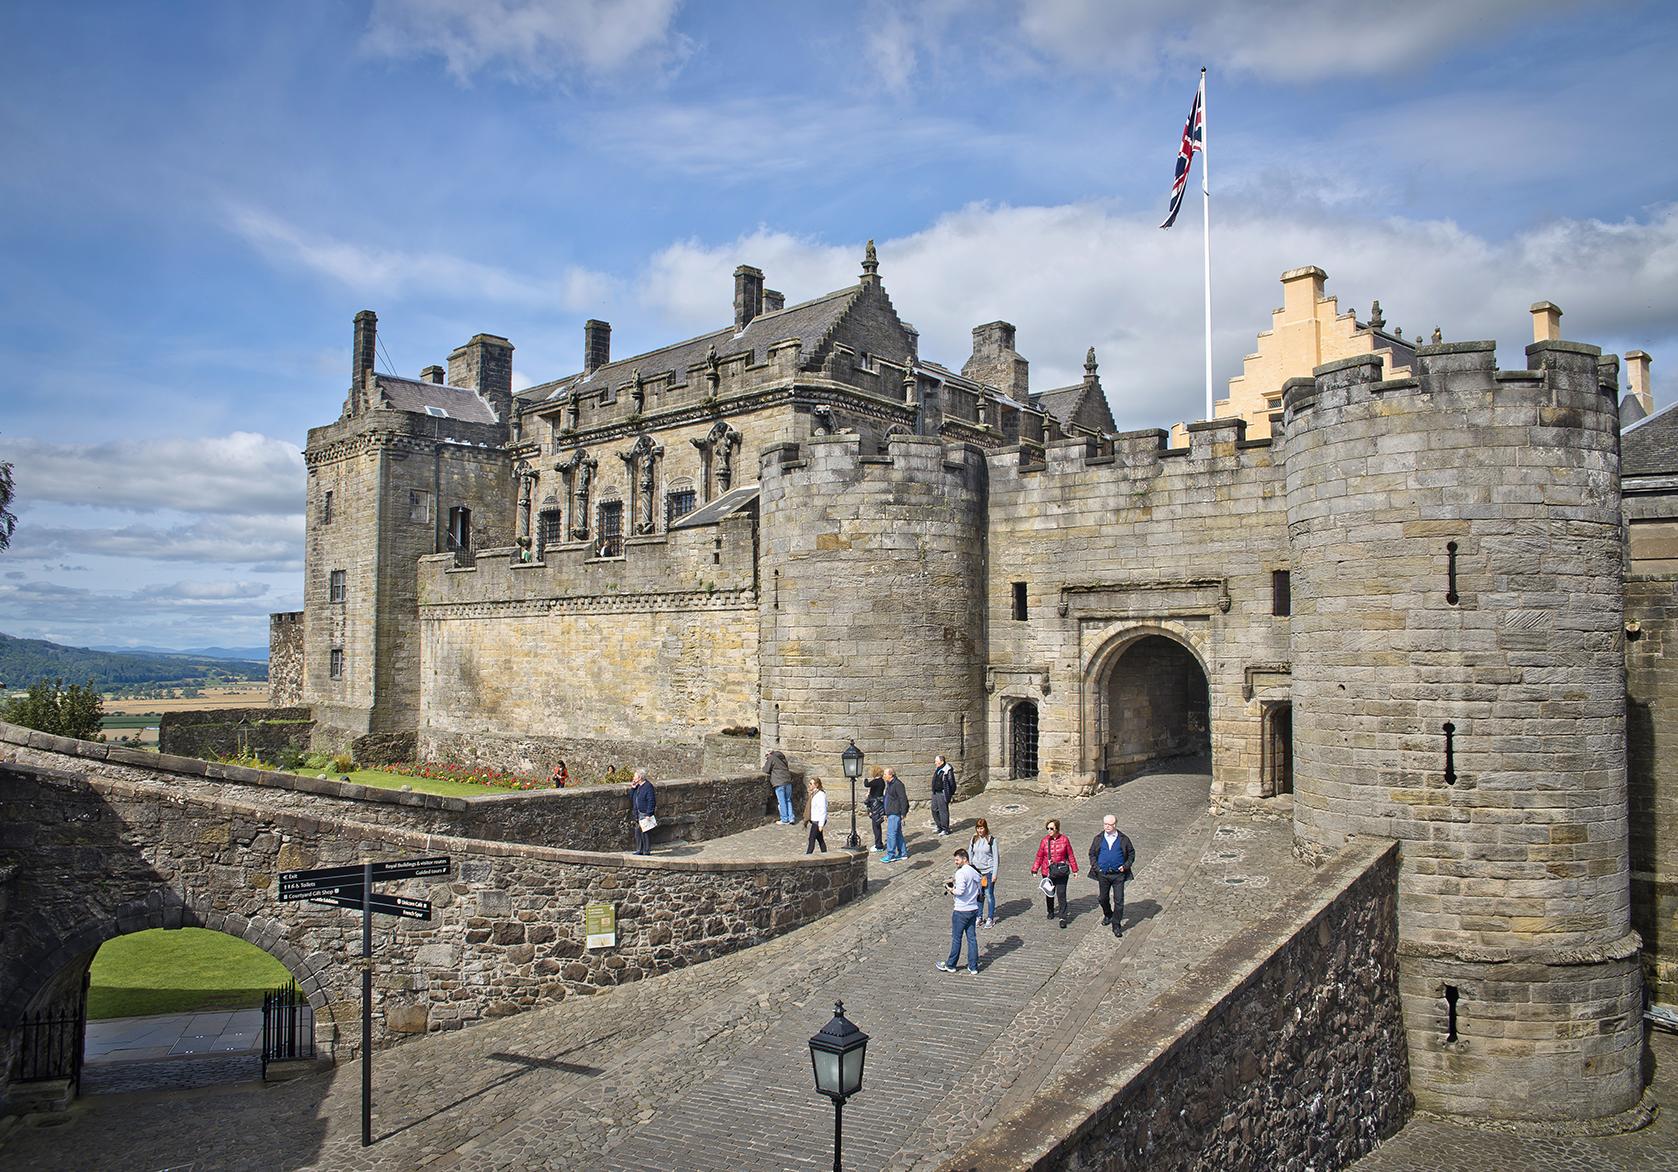 Historic Stirling Castle